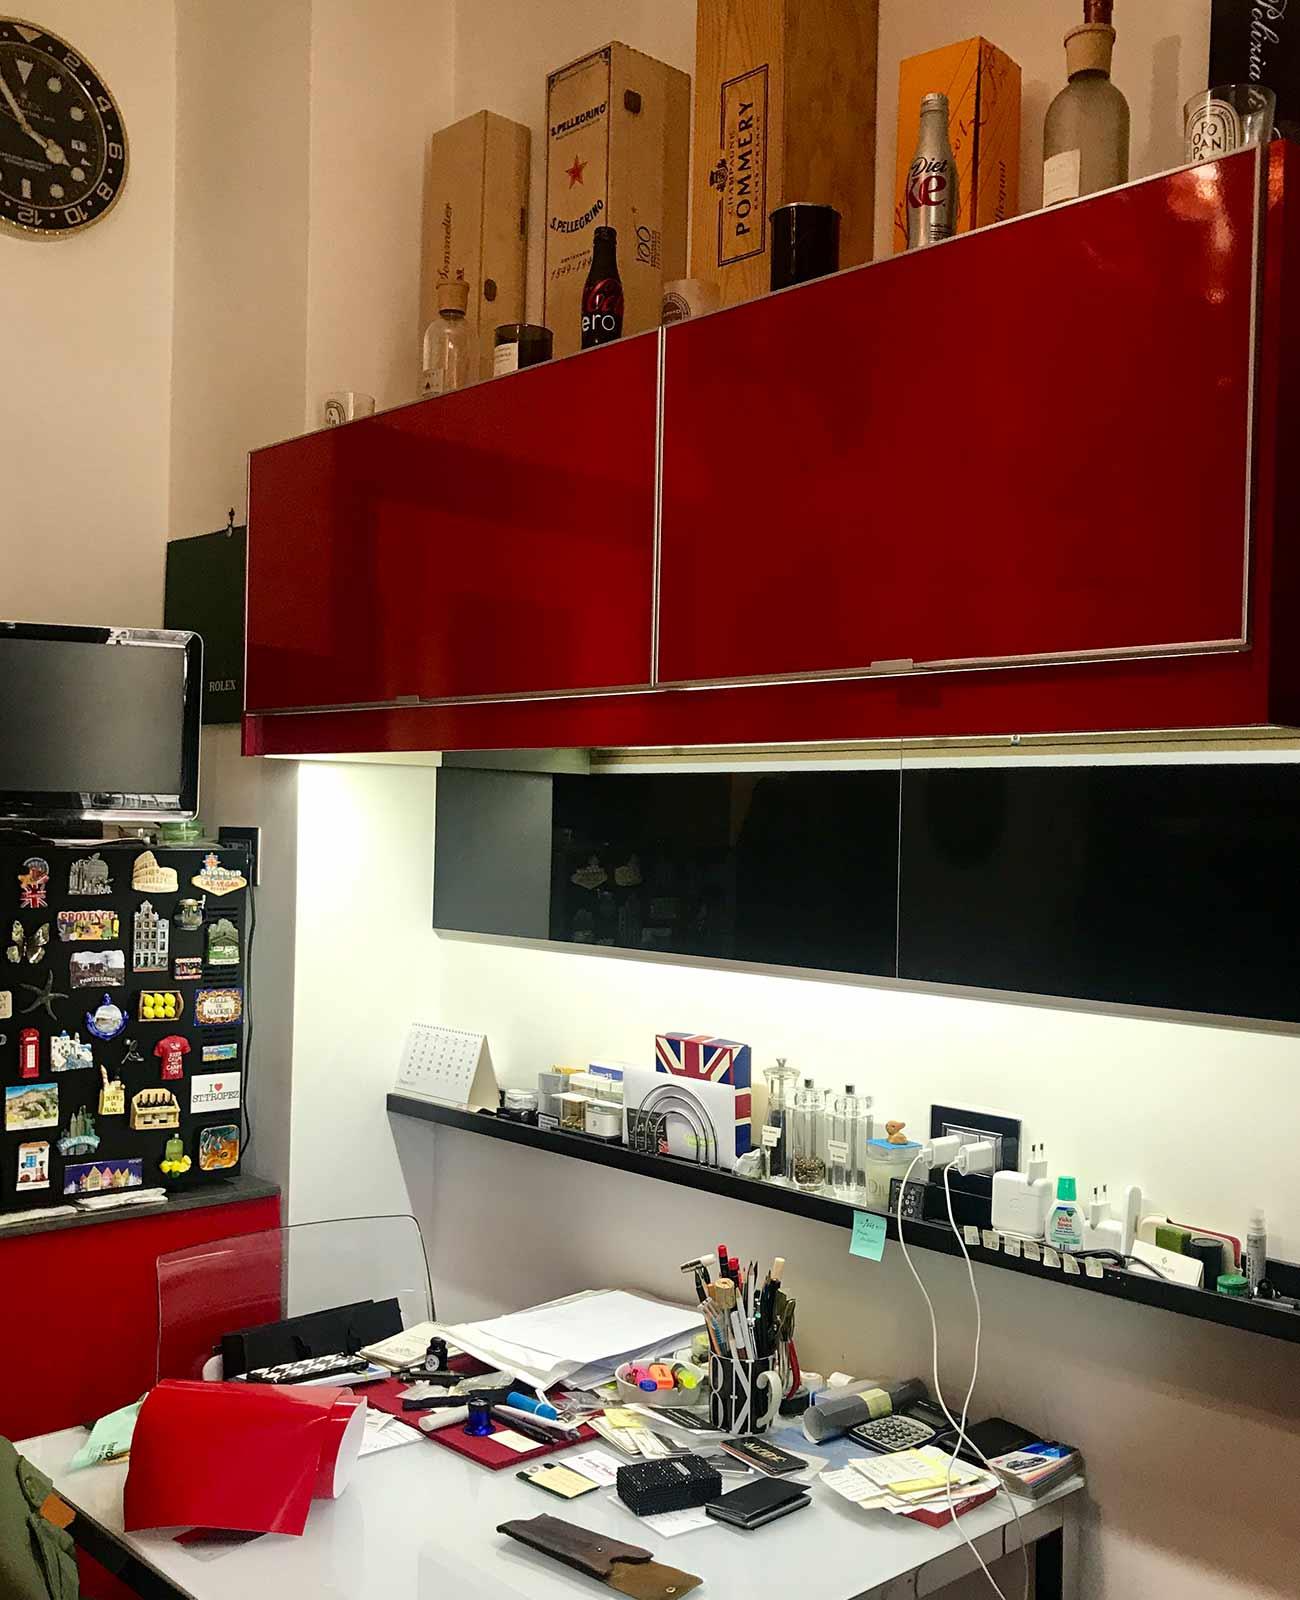 interior-cucina2-wrapping-creative.jpg